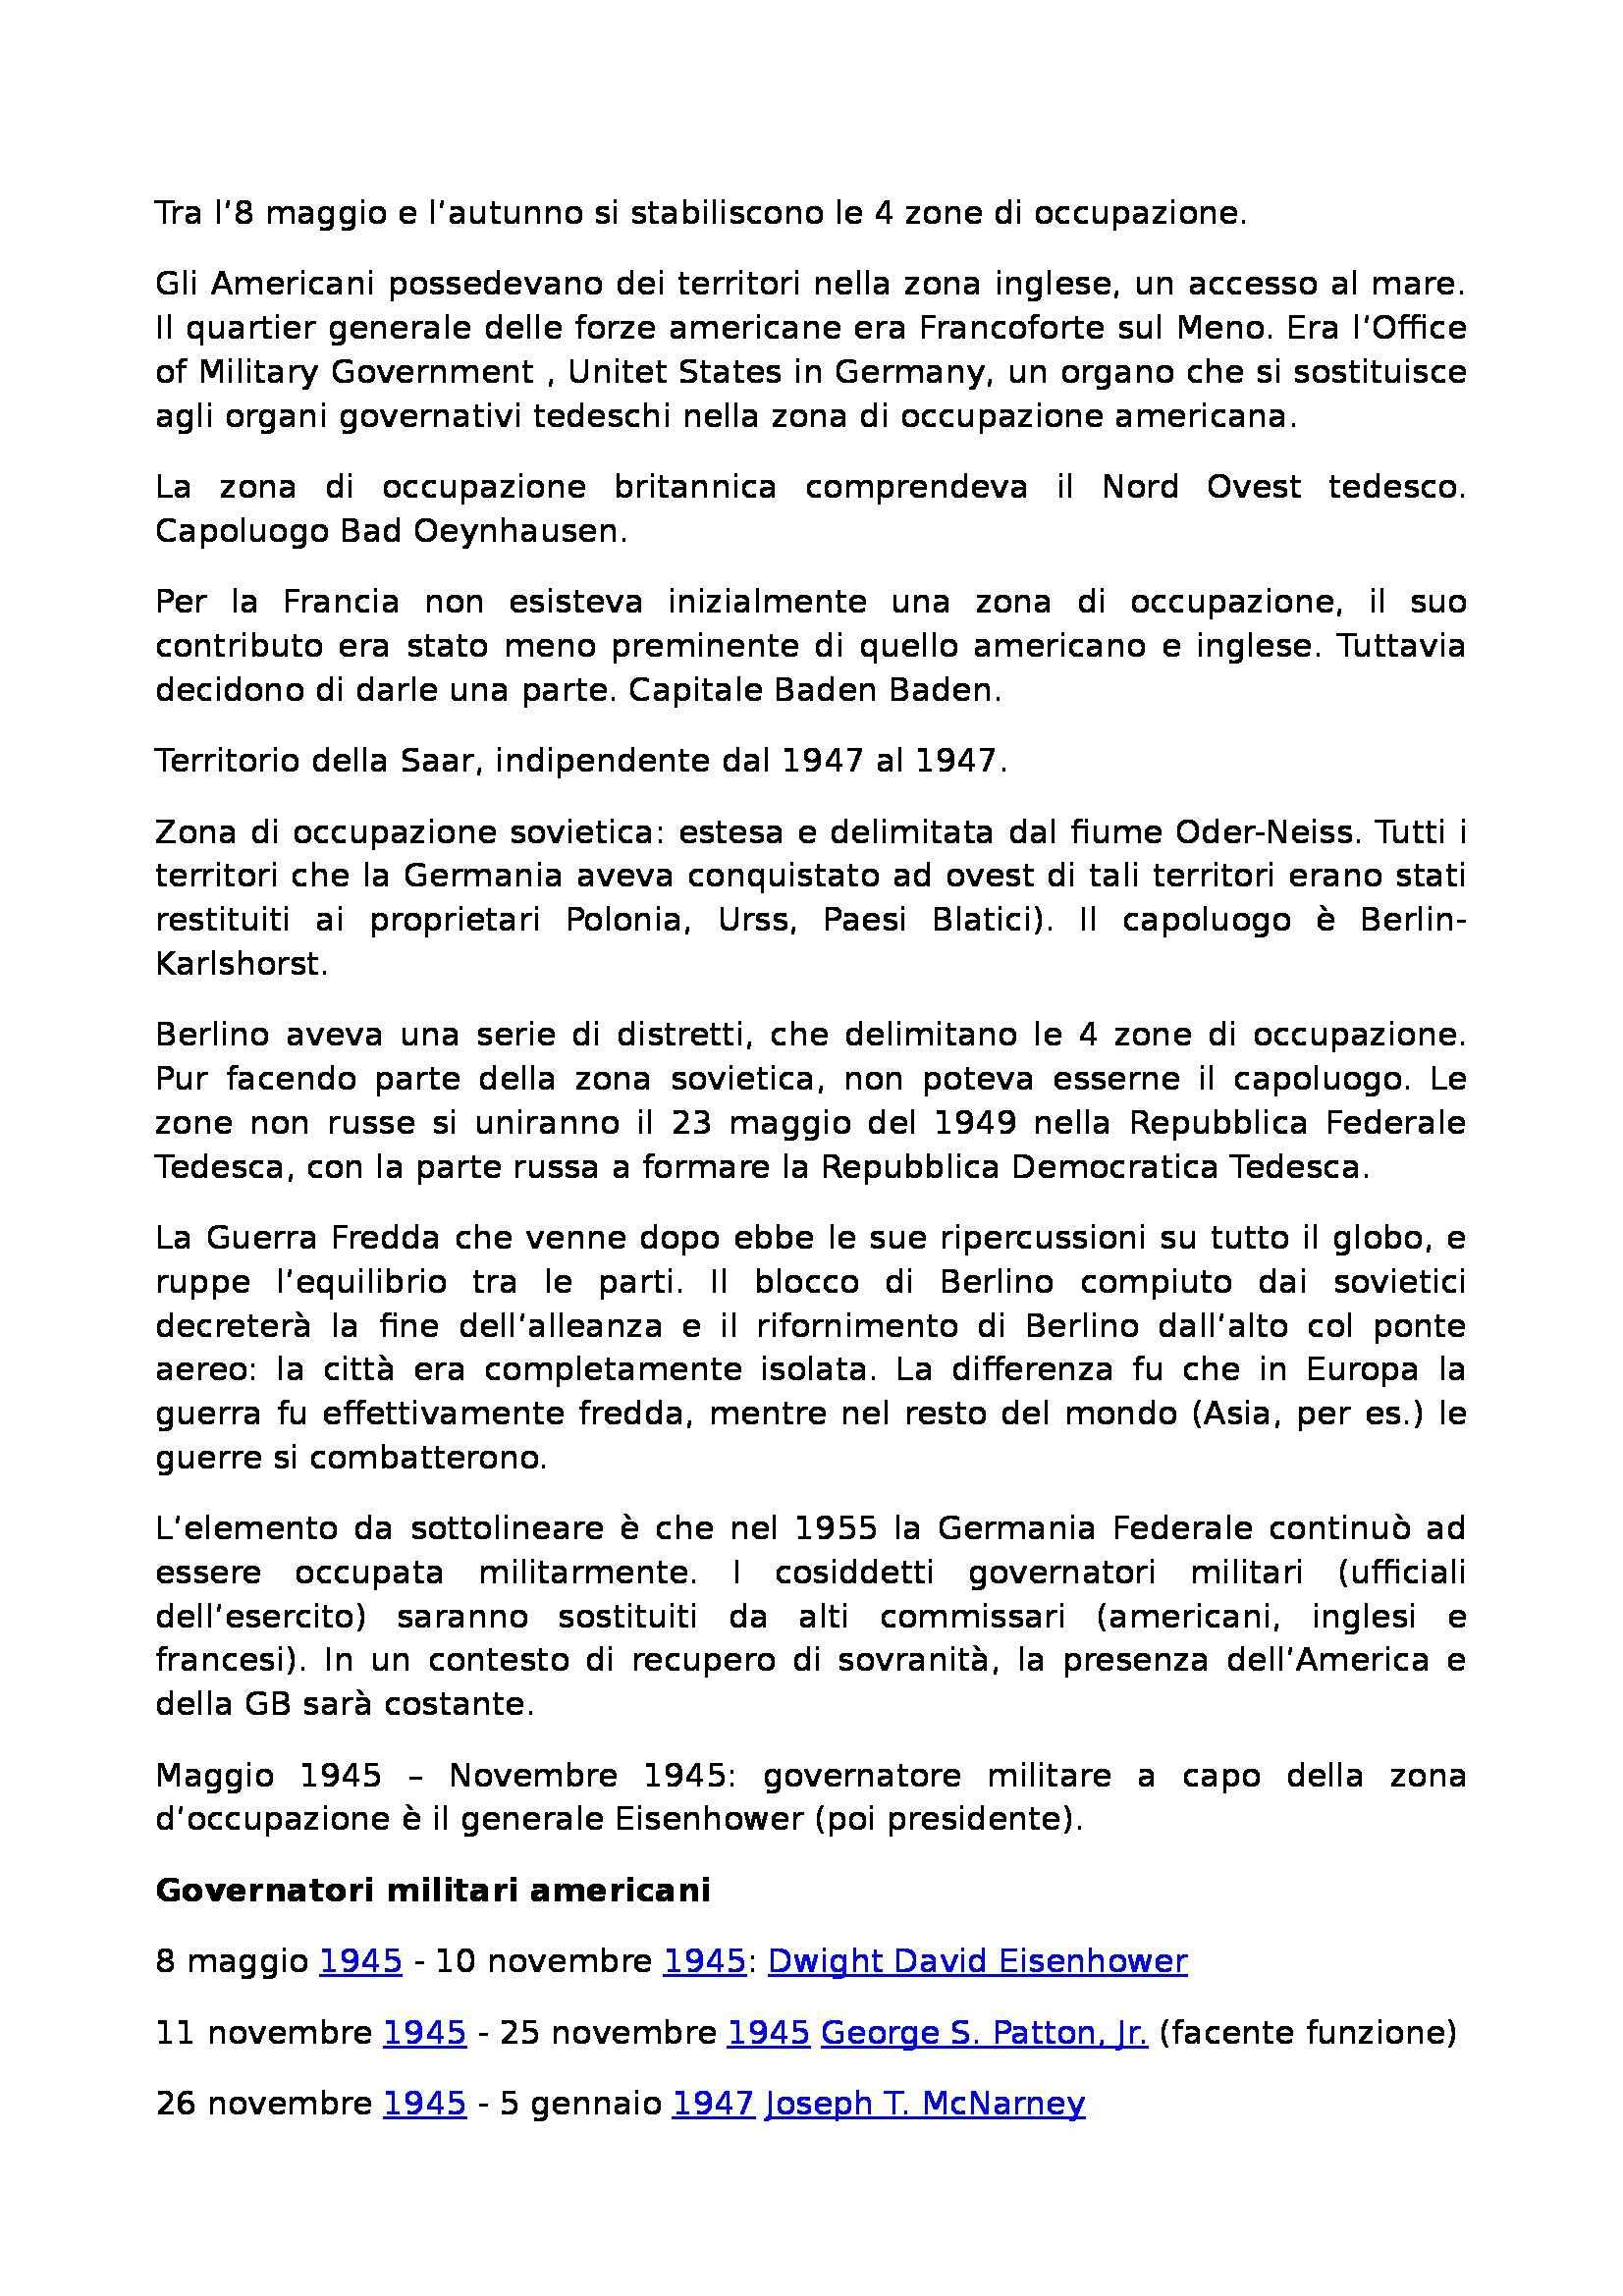 Laboratorio di storia delle relazioni euro atlantiche - Appunti Pag. 36